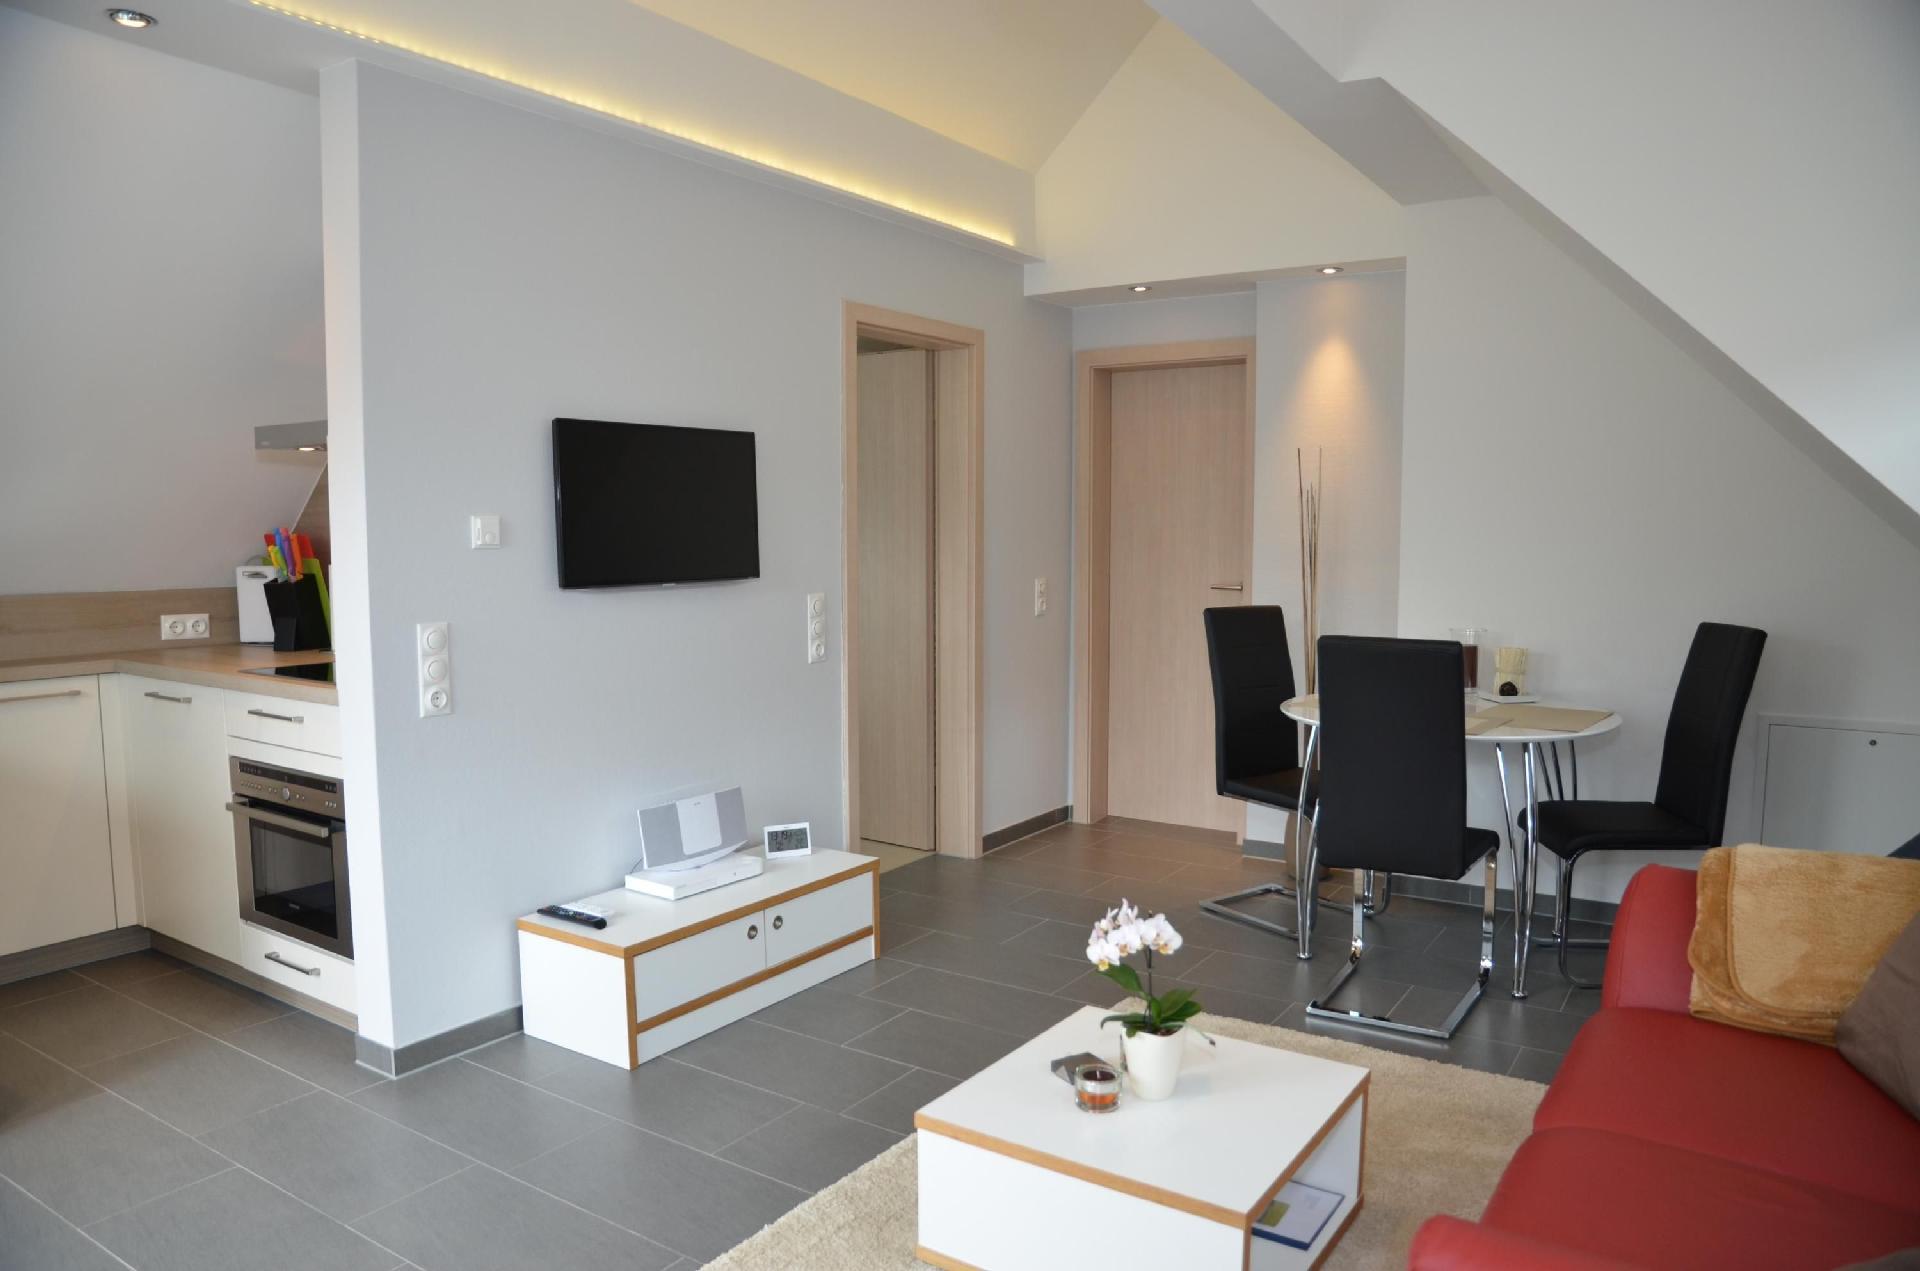 Ferienwohnung für 2 Personen  + 1 Kind ca. 57  in Sachsen